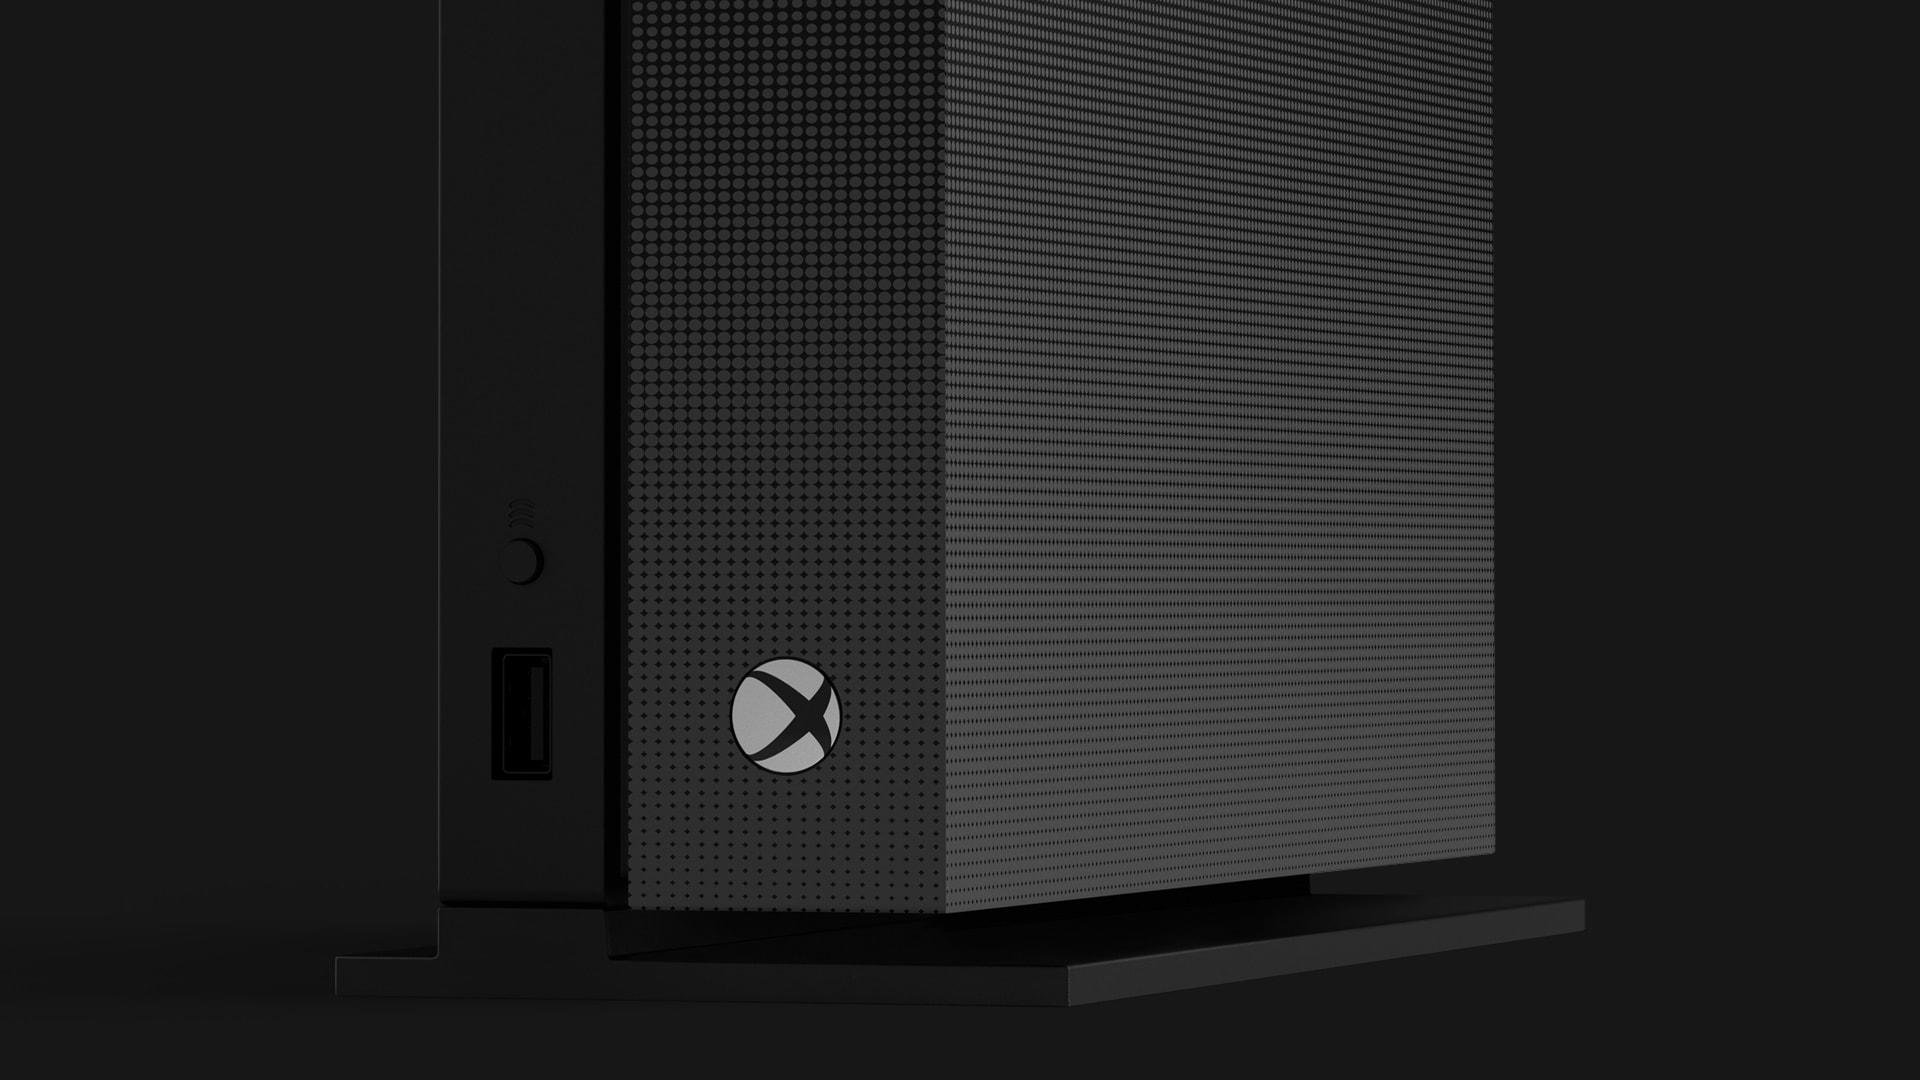 Xbox One X